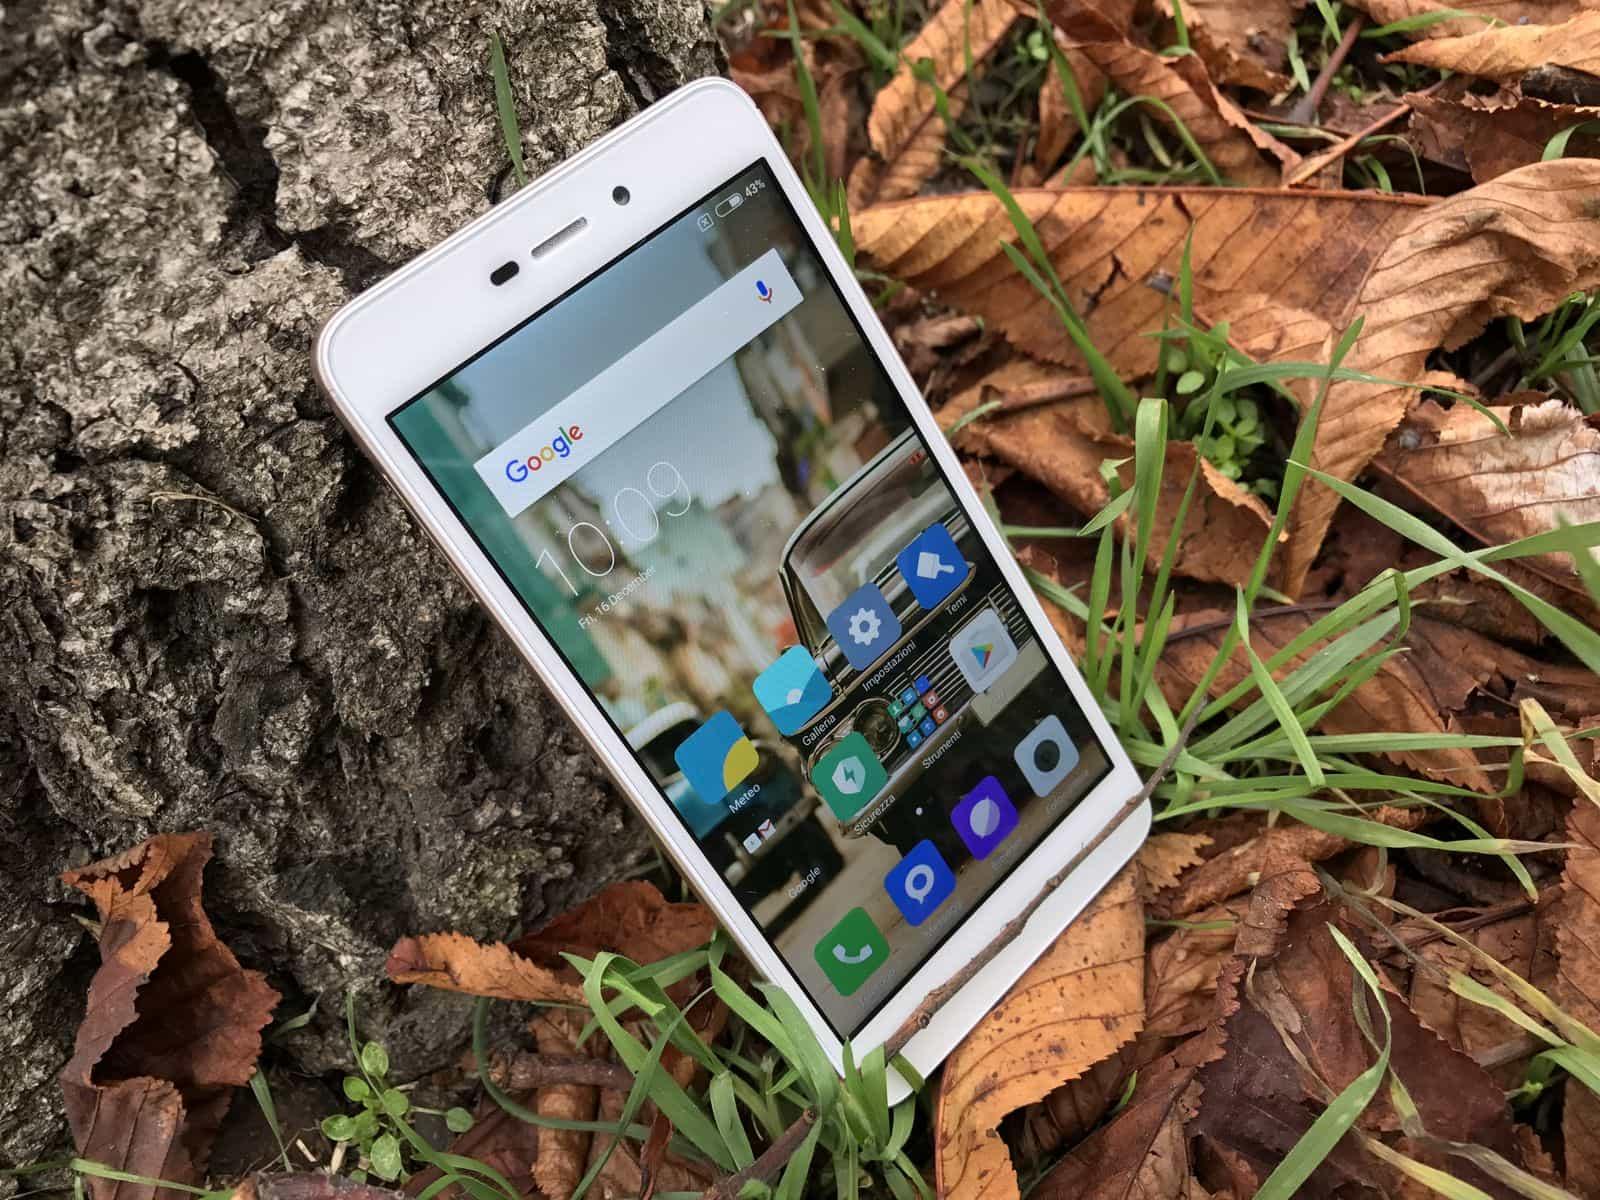 Xiaomi Redmi 5 e Redmi 5 Plus avrebbero ricevuto la certificazione 3C